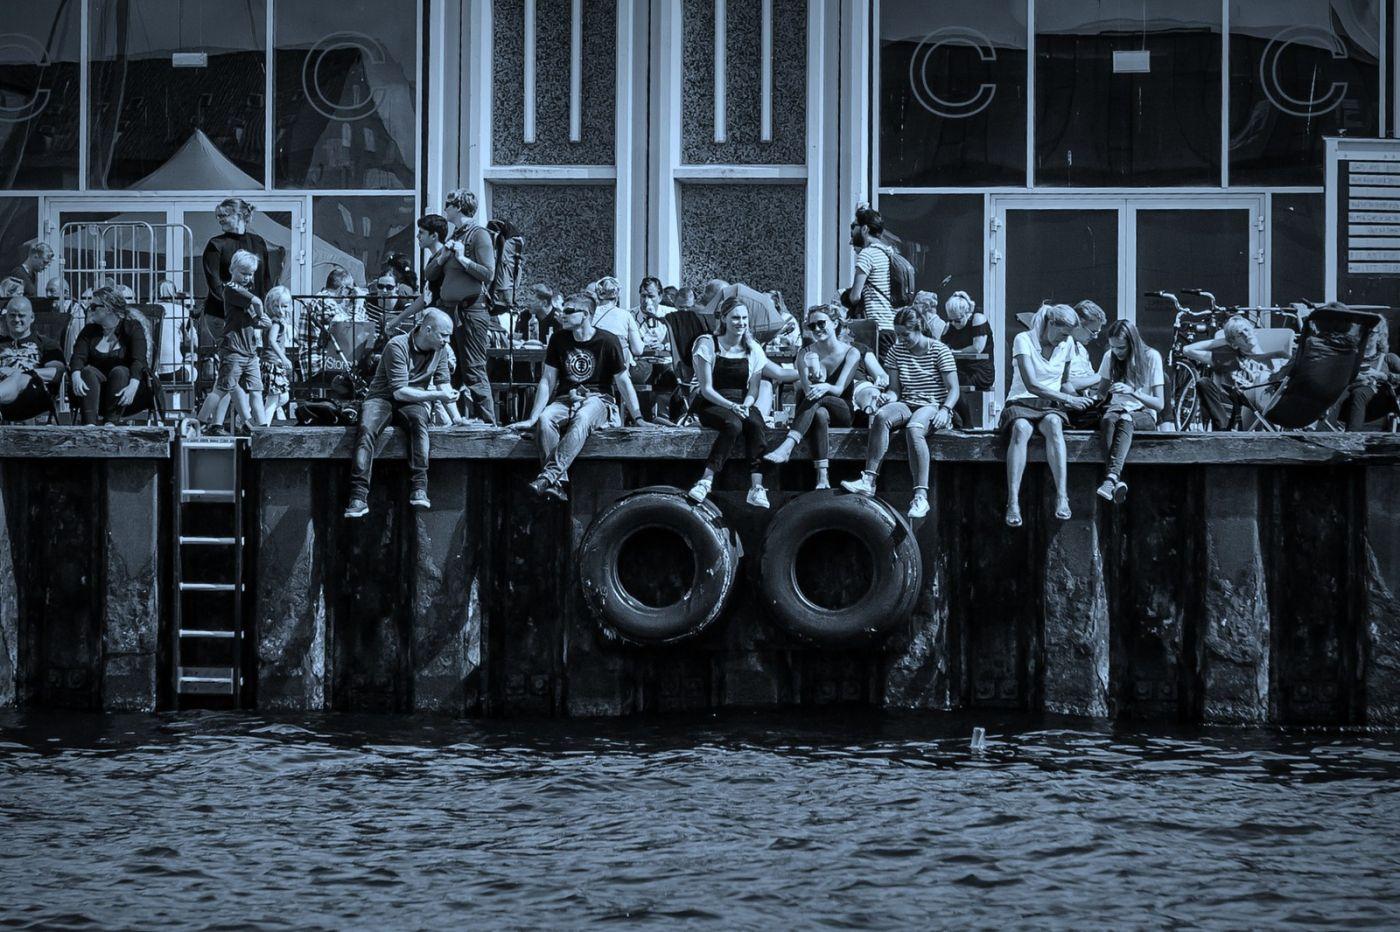 丹麦哥本哈根,坐船看市景_图1-21